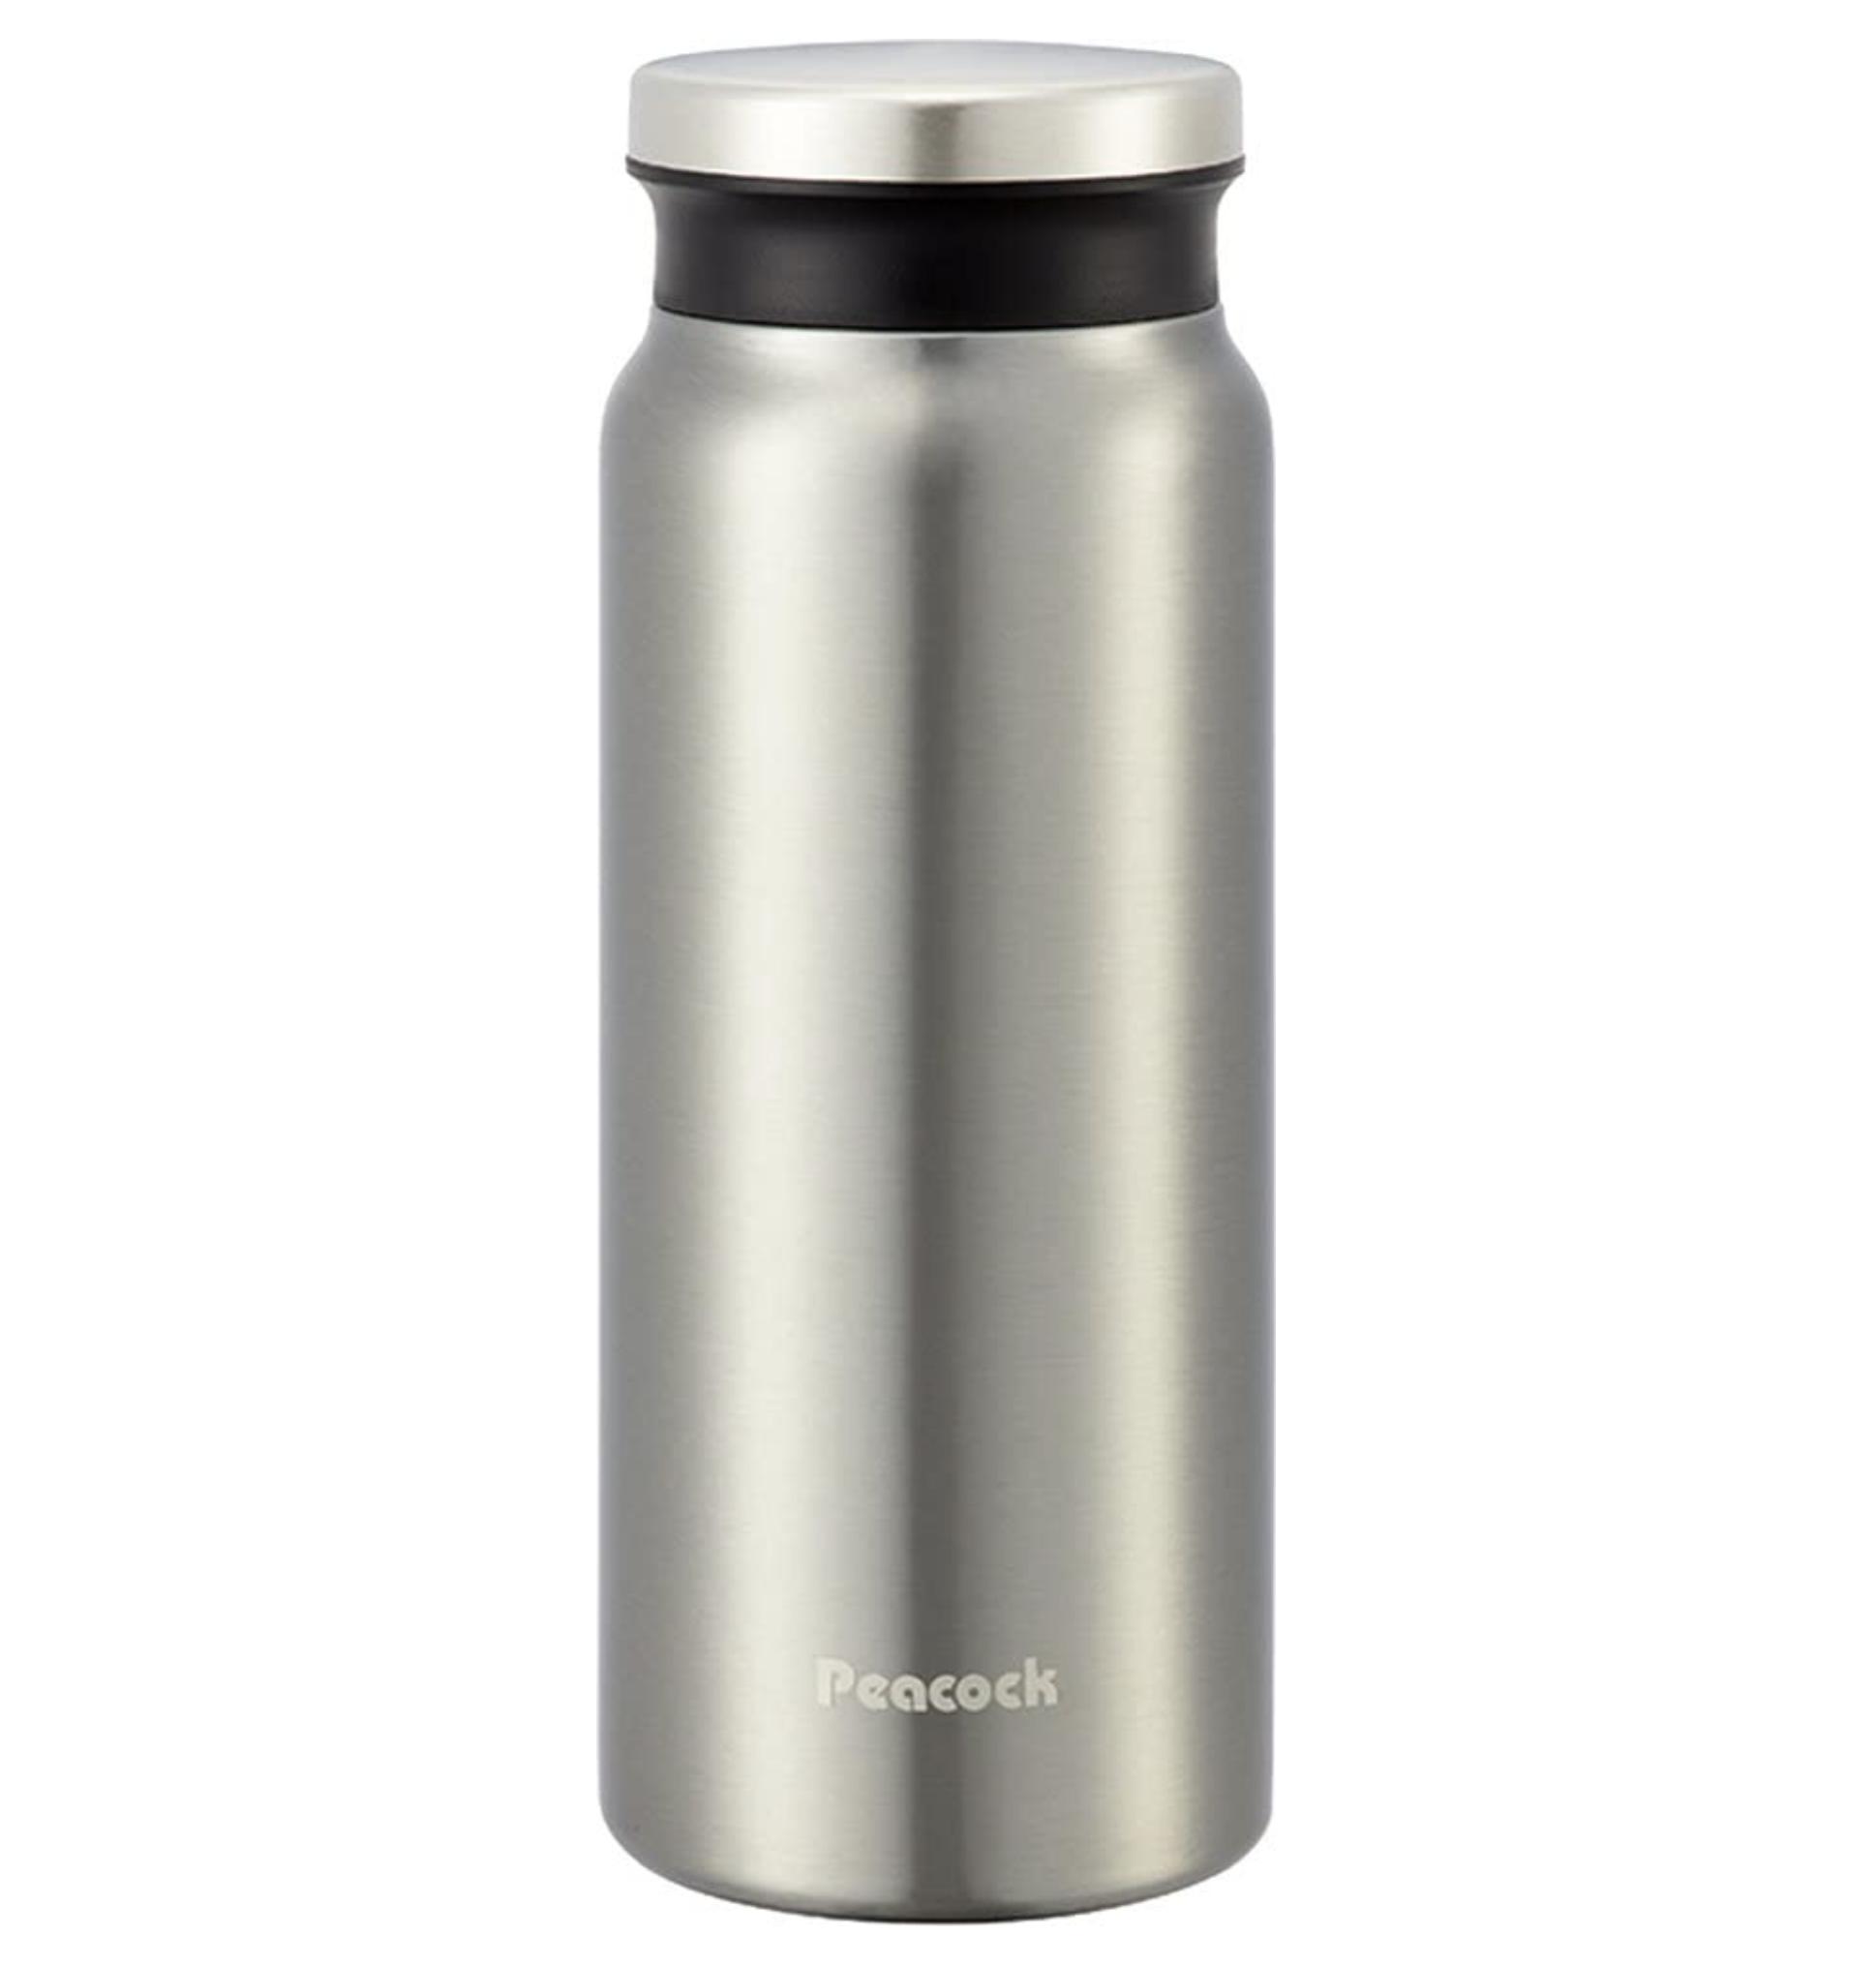 ピーコック 男の魔法瓶シリーズ メンズマグボトル AMZ-60S XA ステンレス 0.6L